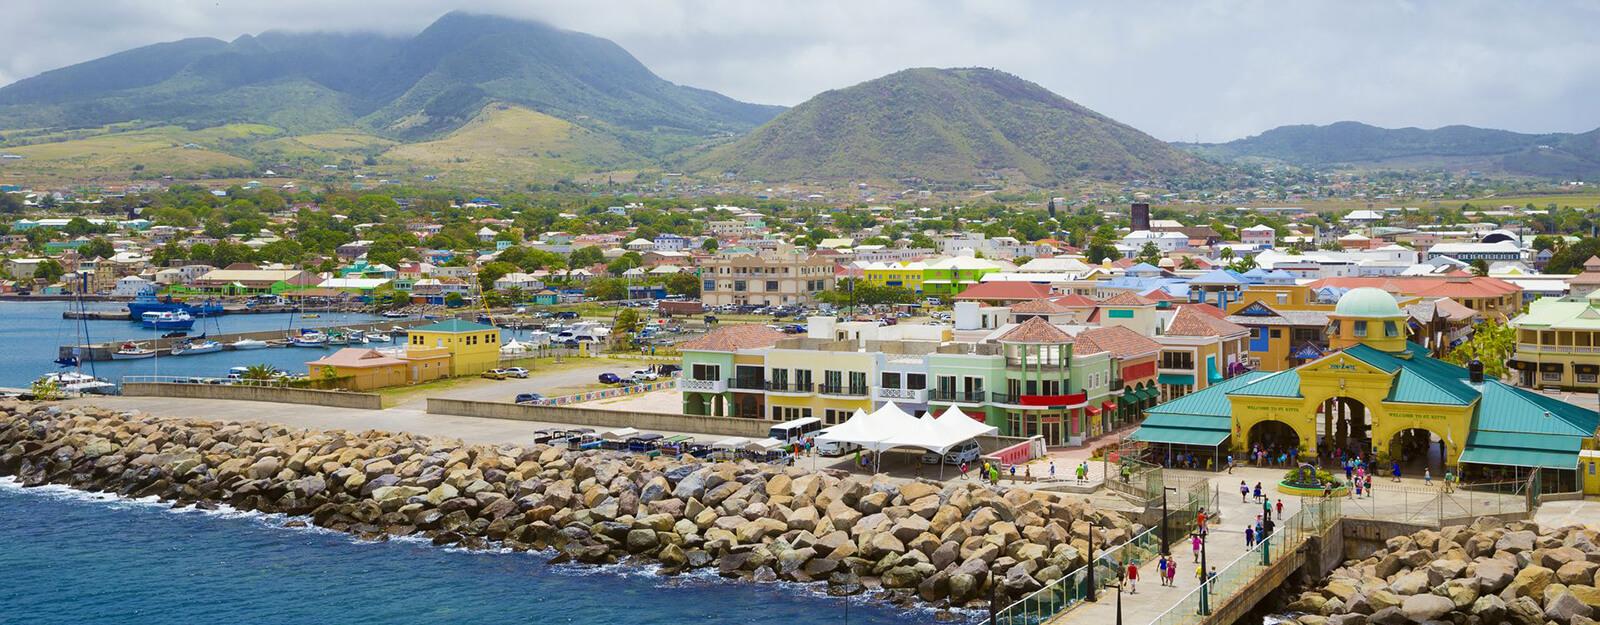 покупка гражданства Сент-Китс и Невис за инвестиции